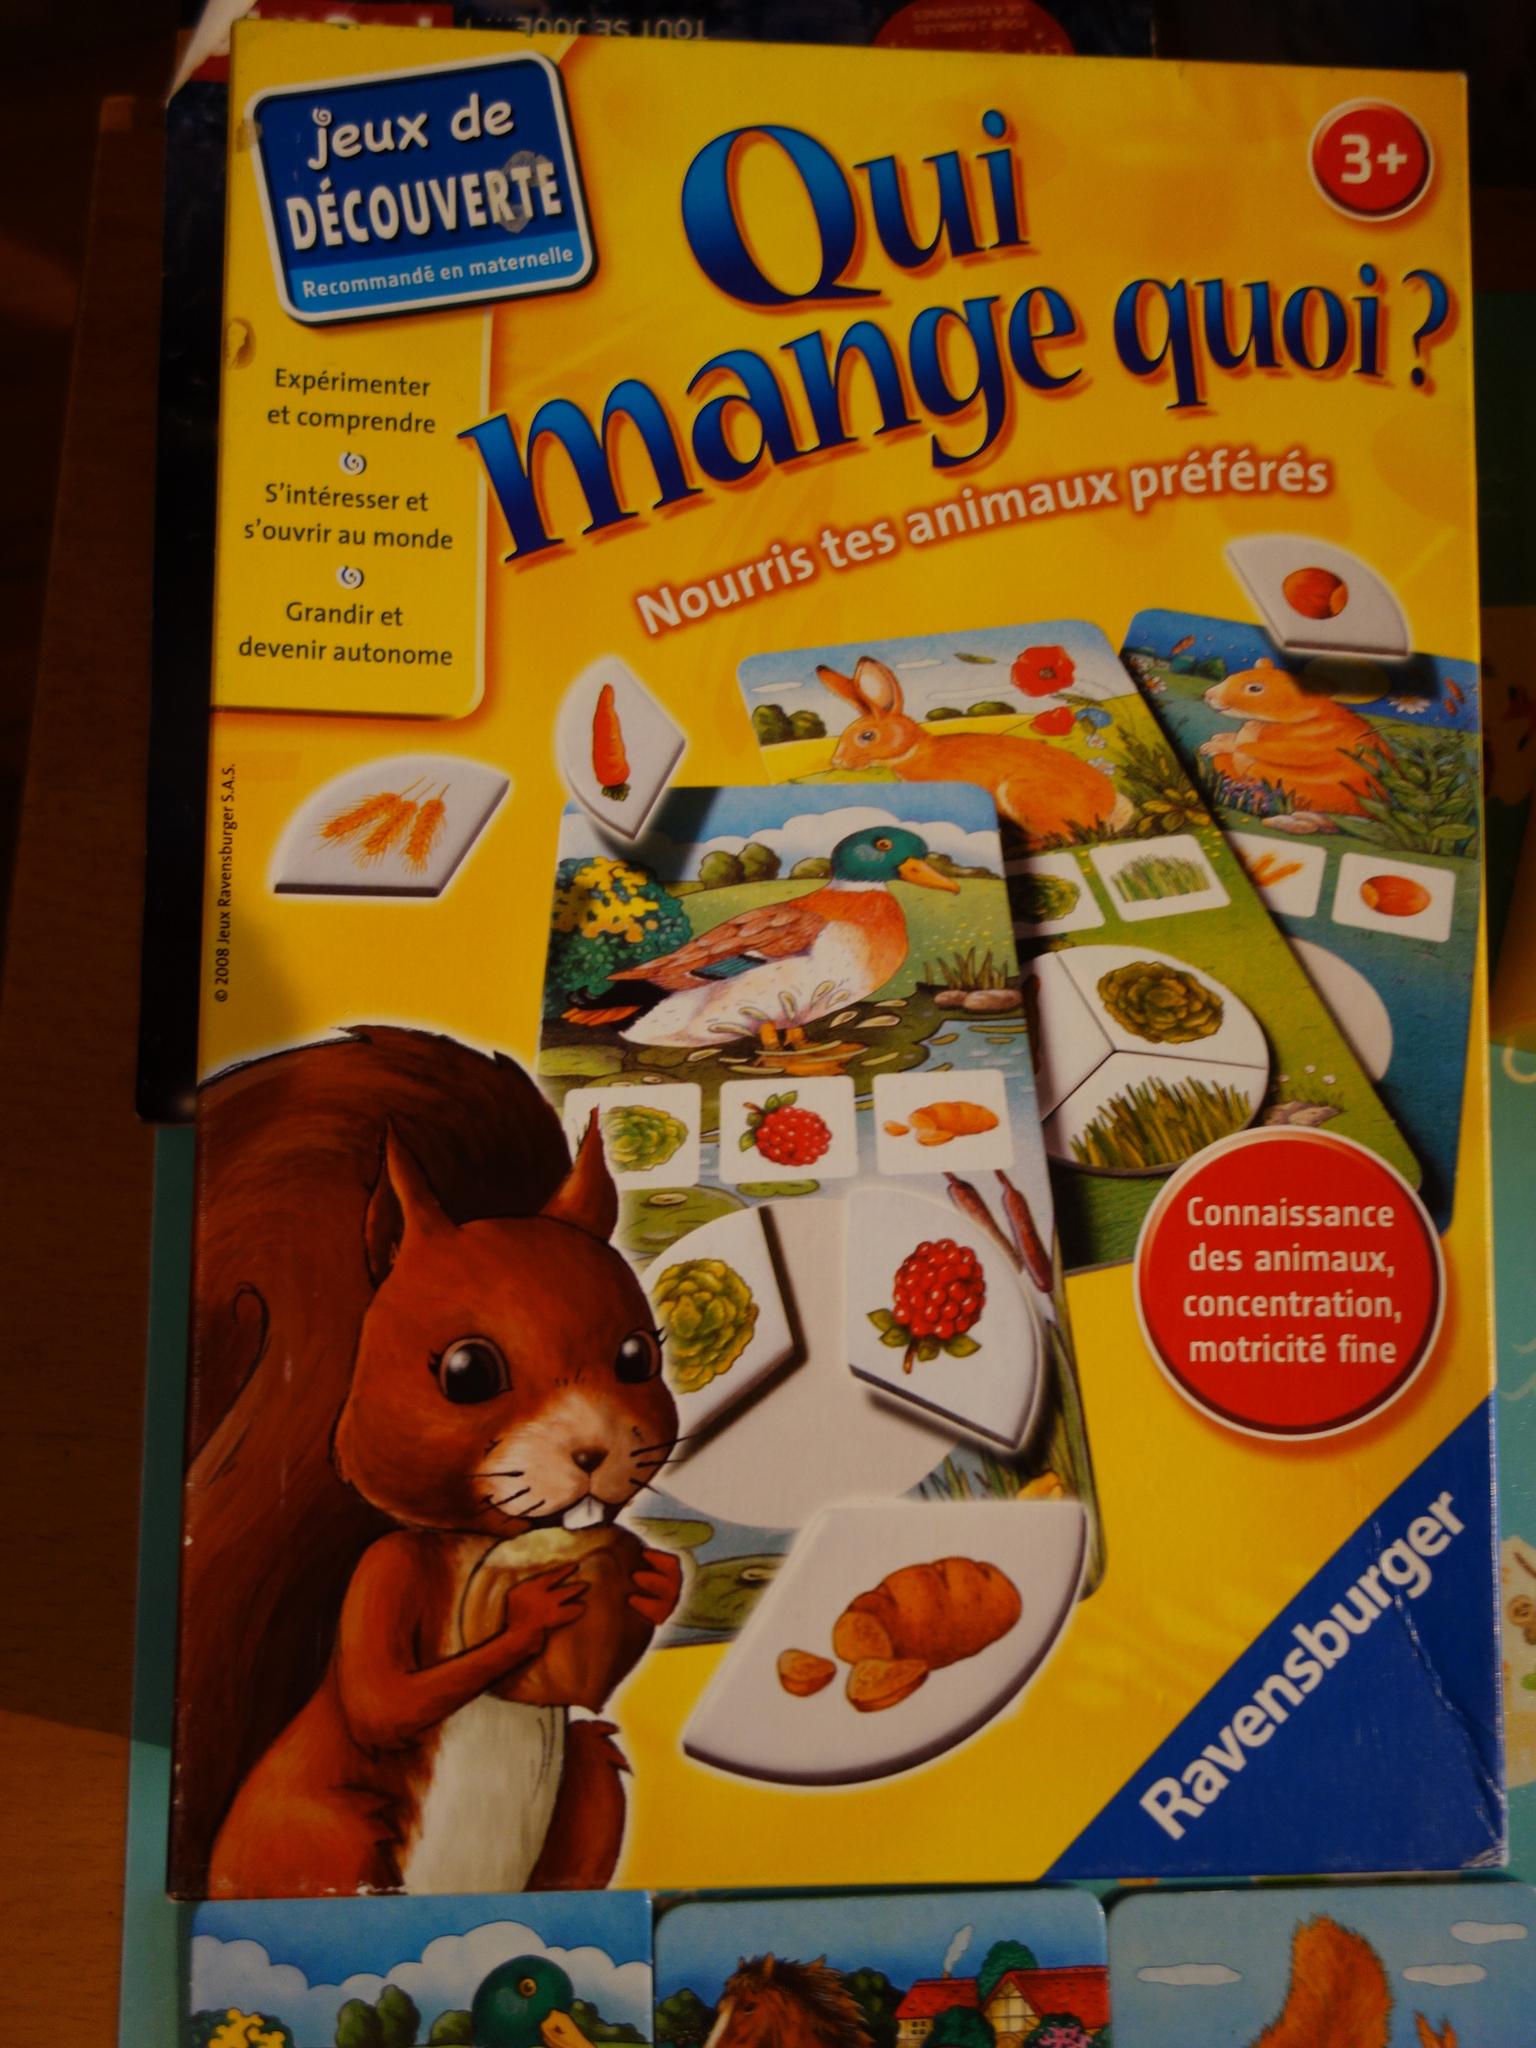 Jeux] Qui Mange Quoi? - Ravensburger - Récréamam, Le Blog D dedans Jeux Pour Manger